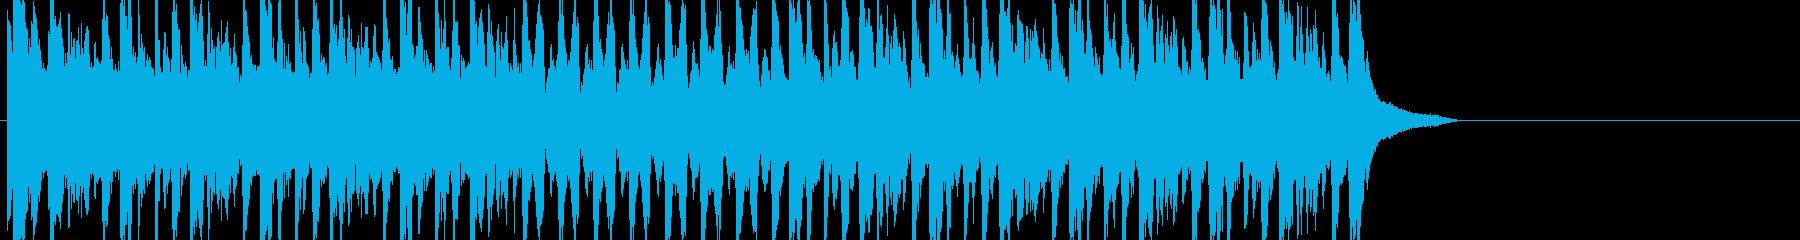 陽気で淡々としたジングル用ドリルンベースの再生済みの波形